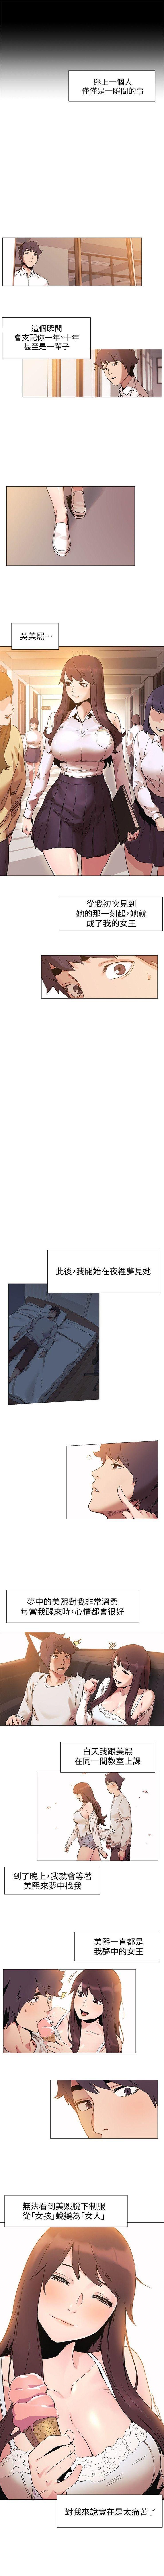 (週5)衝突 1-94 中文翻譯 (更新中) 177